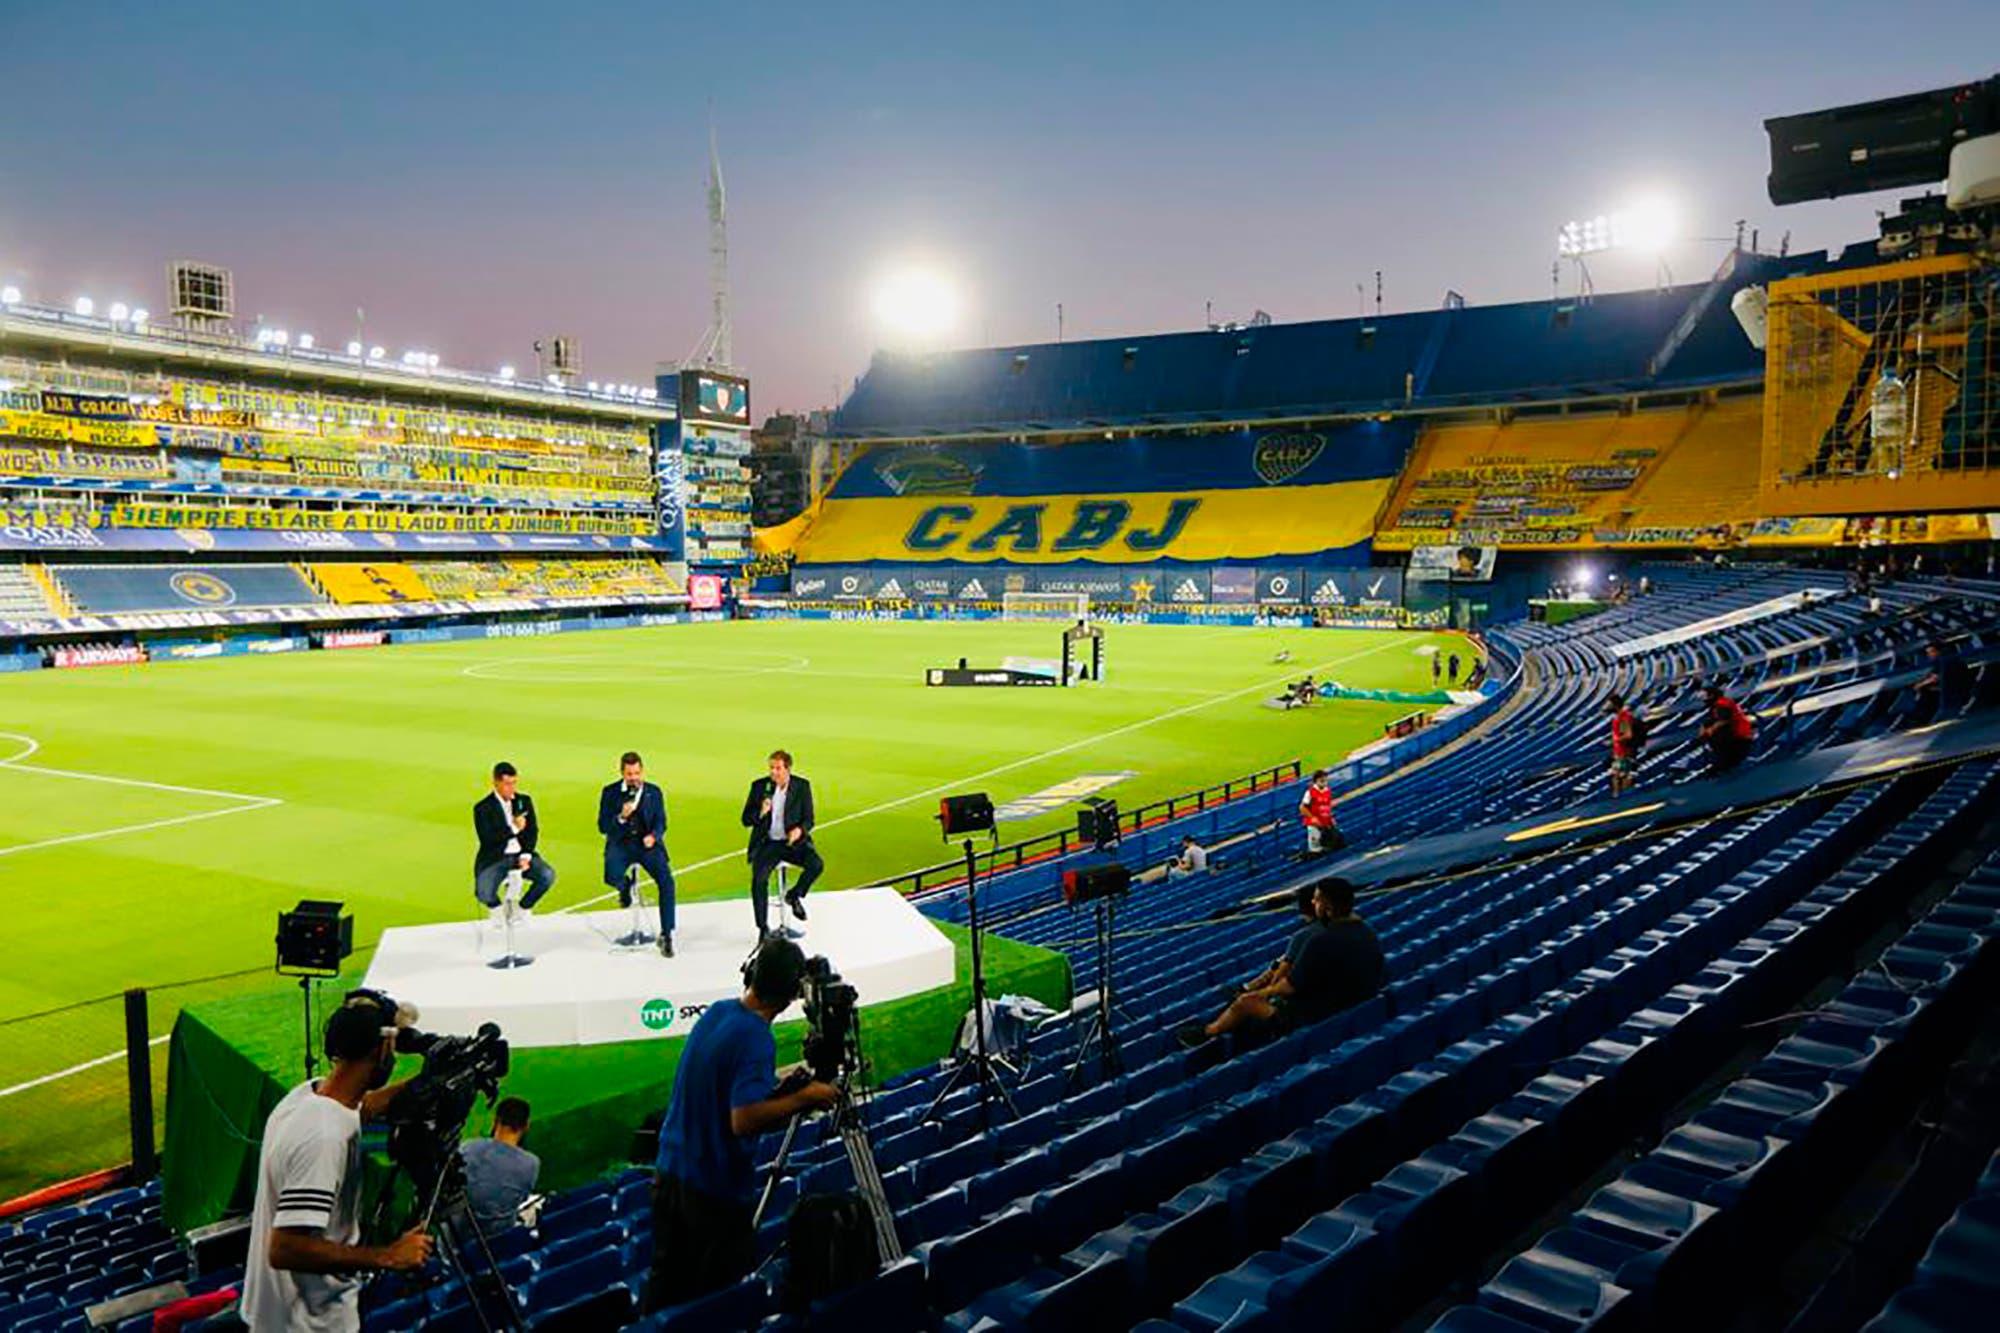 Boca - River, en vivo: así se viven las horas previas al superclásico en la Bombonera por la Copa Diego Maradona